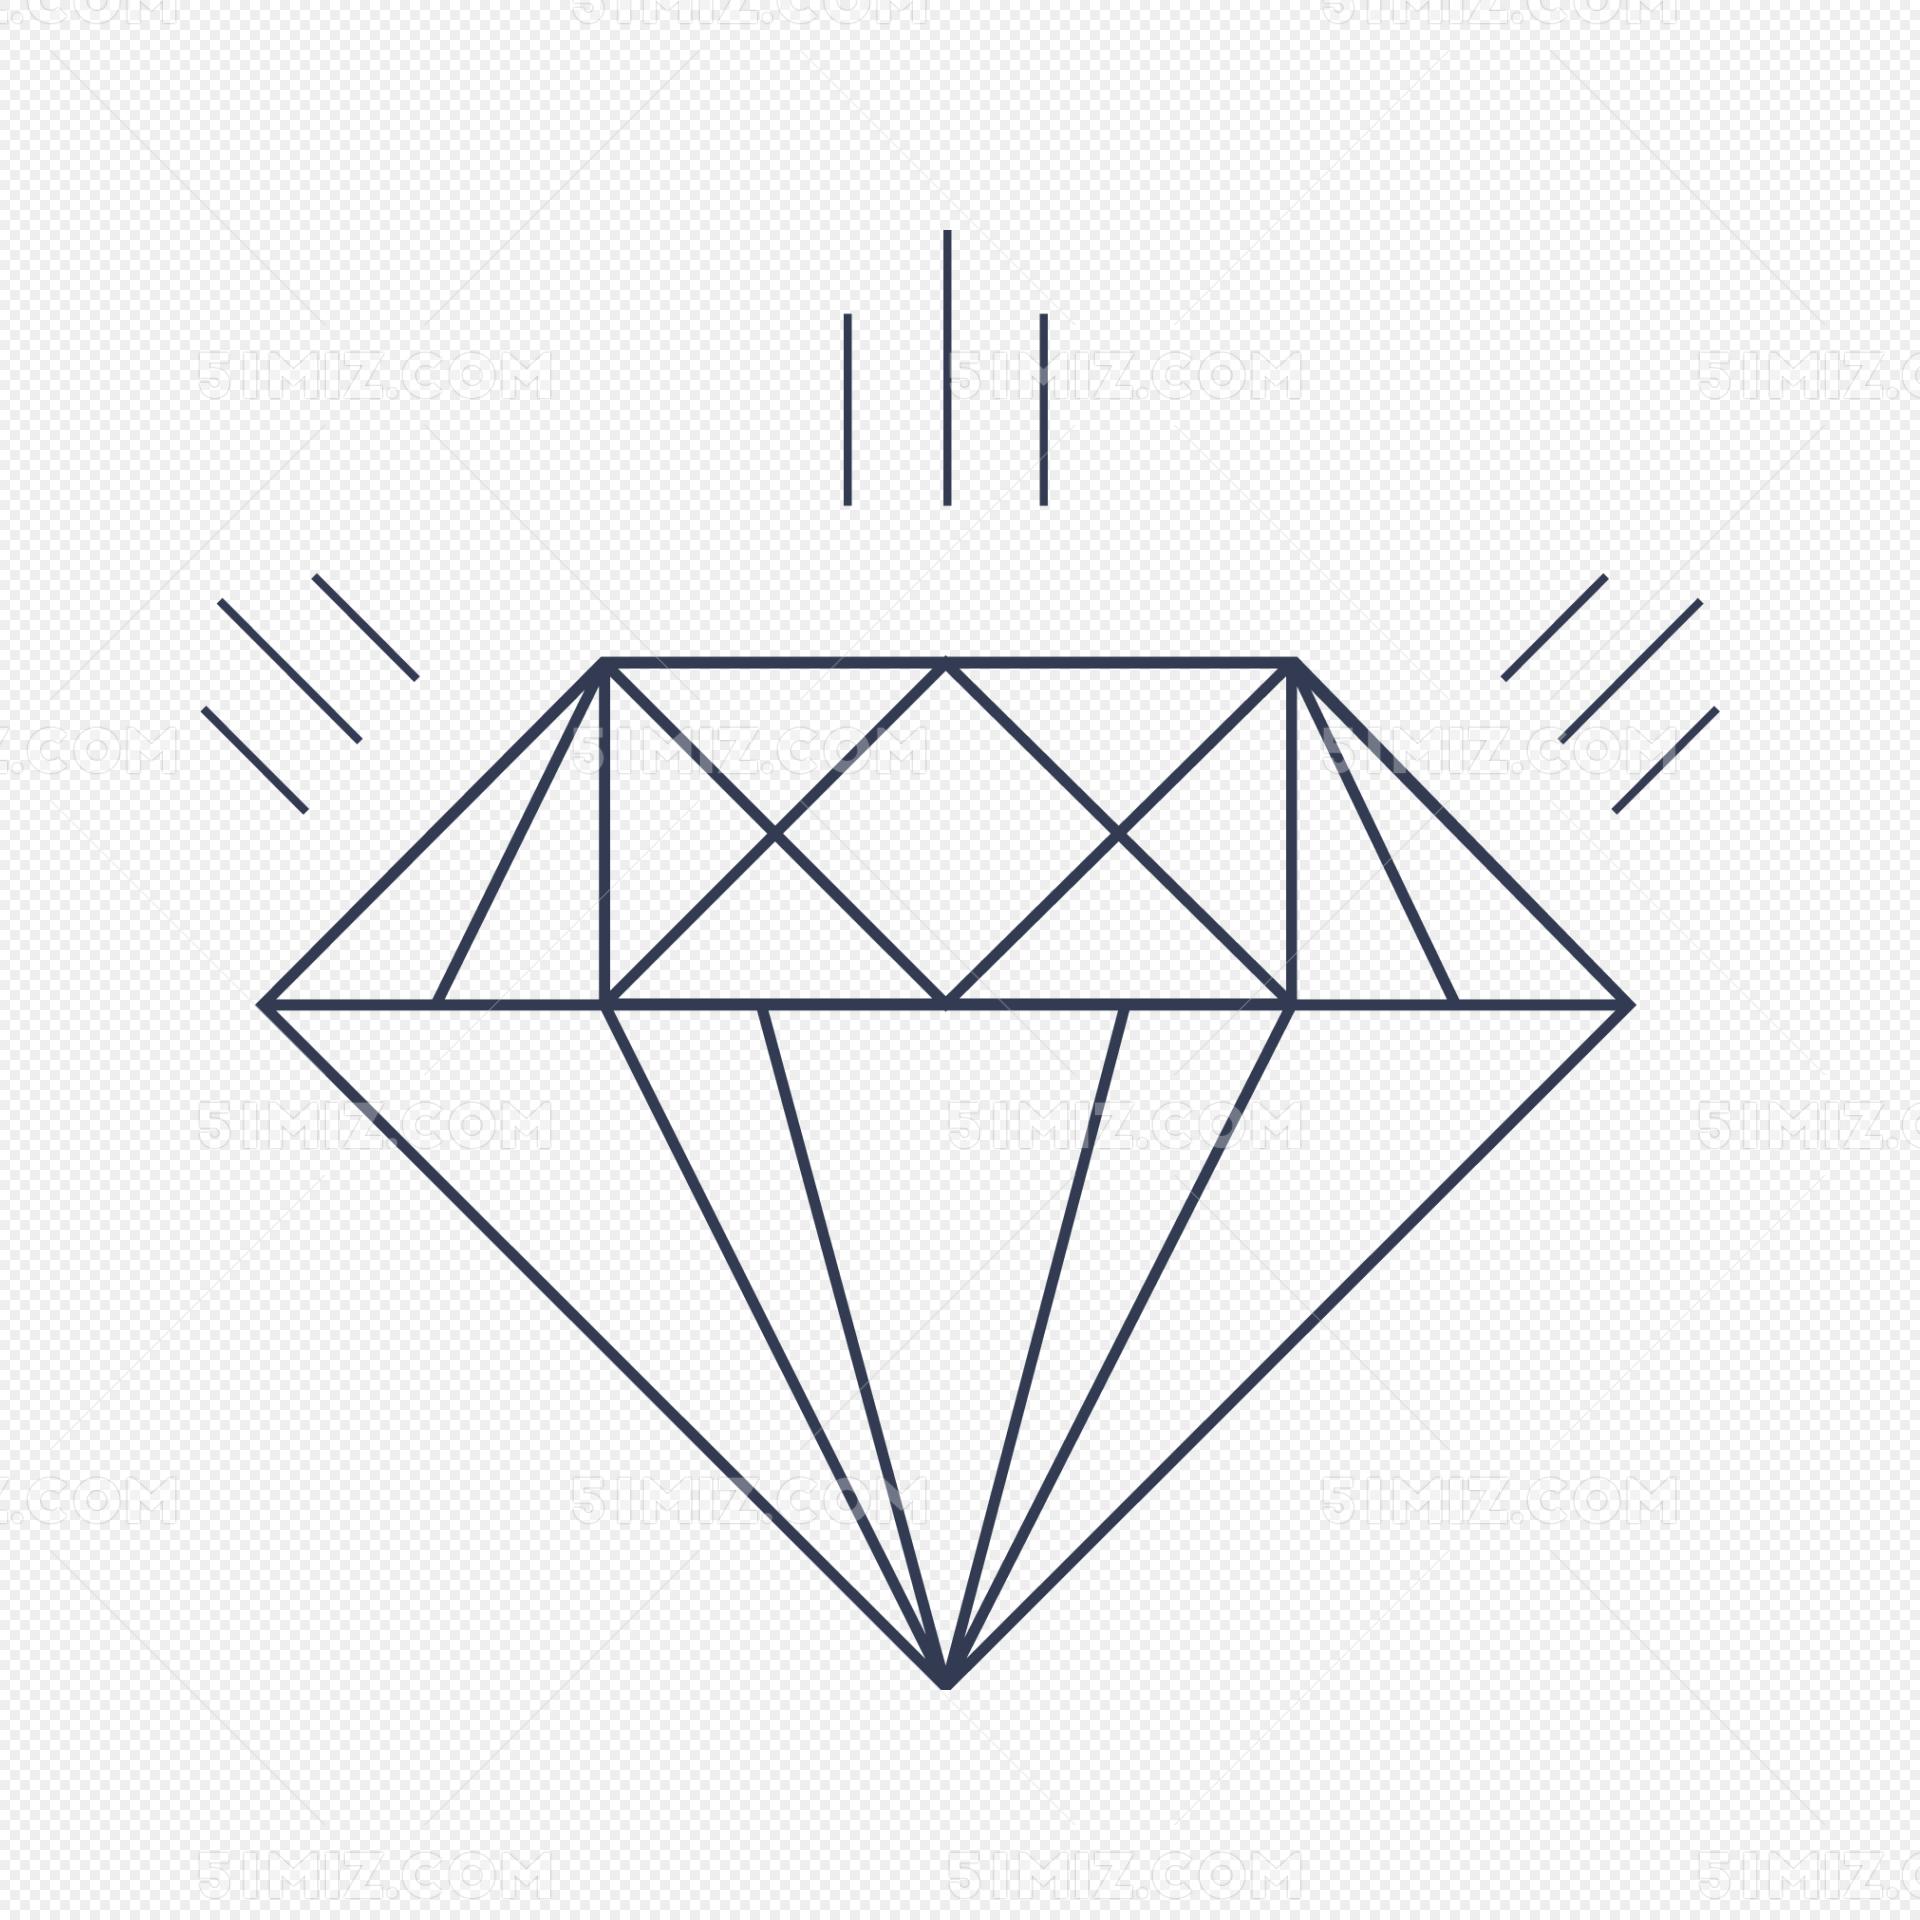 矢量线条钻石闪光图片素材免费下载_觅知网